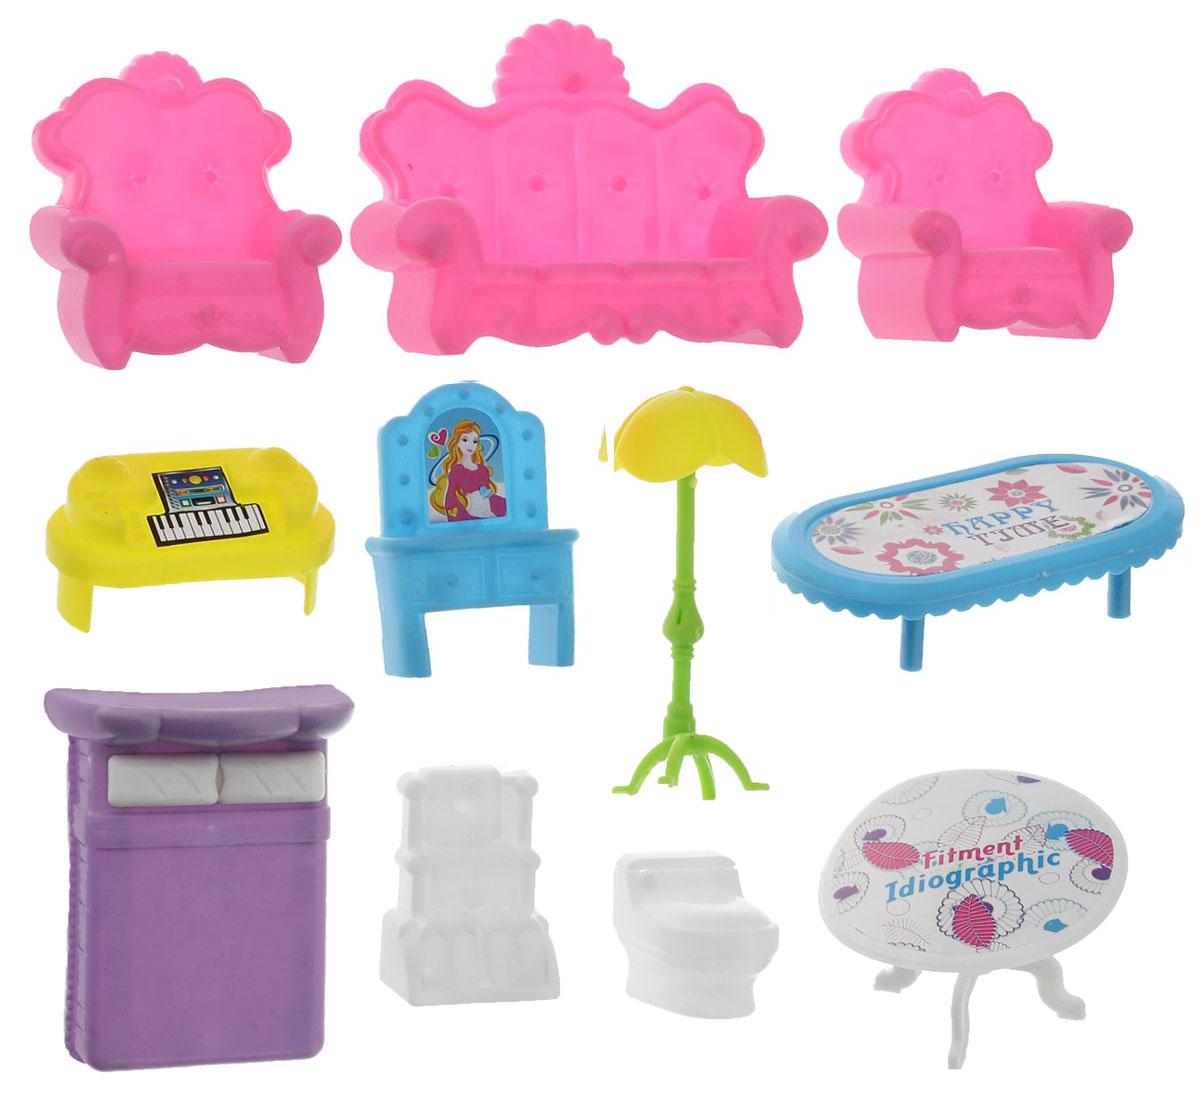 S+S TOYS Мебель для кукол Игрушки для подружки72679Набор мебели для куклы S+S Toys Игрушки для подружки - это замечательный игровой набор, который станет отличным подарком для вашего ребенка. Придумывая множество ситуаций ребенок весело и интересно проведет время. Детали сделаны из качественного и прочного пластика ярких цветов. Набор включает в себя 11 предметов: 2 кресла, диван, кровать, торшер, 2 стола и другую мебель. Игра с таким набором способствует развитию детского воображения, мелкой моторики рук и фантазии. Порадуйте своего ребенка таким набором для куклы.